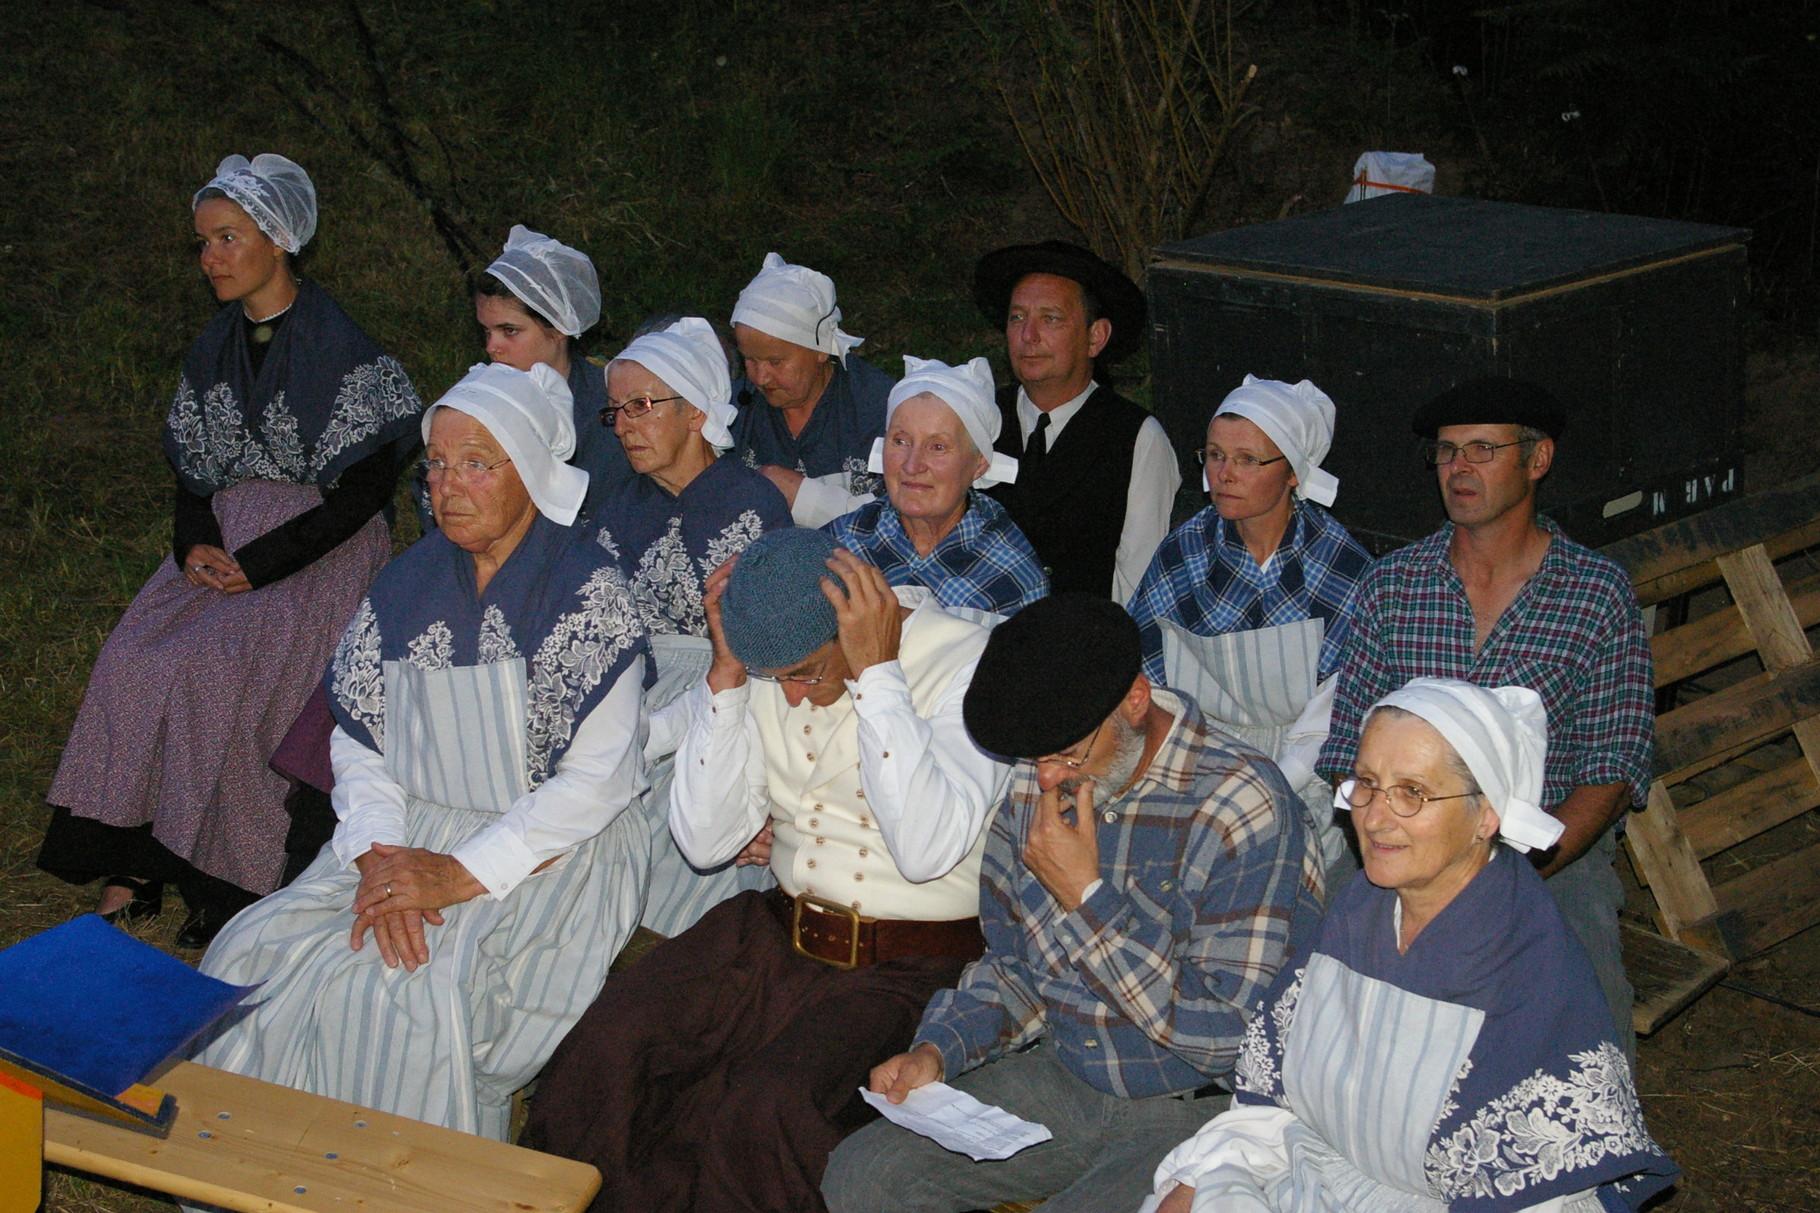 AVEL DRO - BAGAD PAGAN - Fest Bro Pagan 2009 - Guisseny